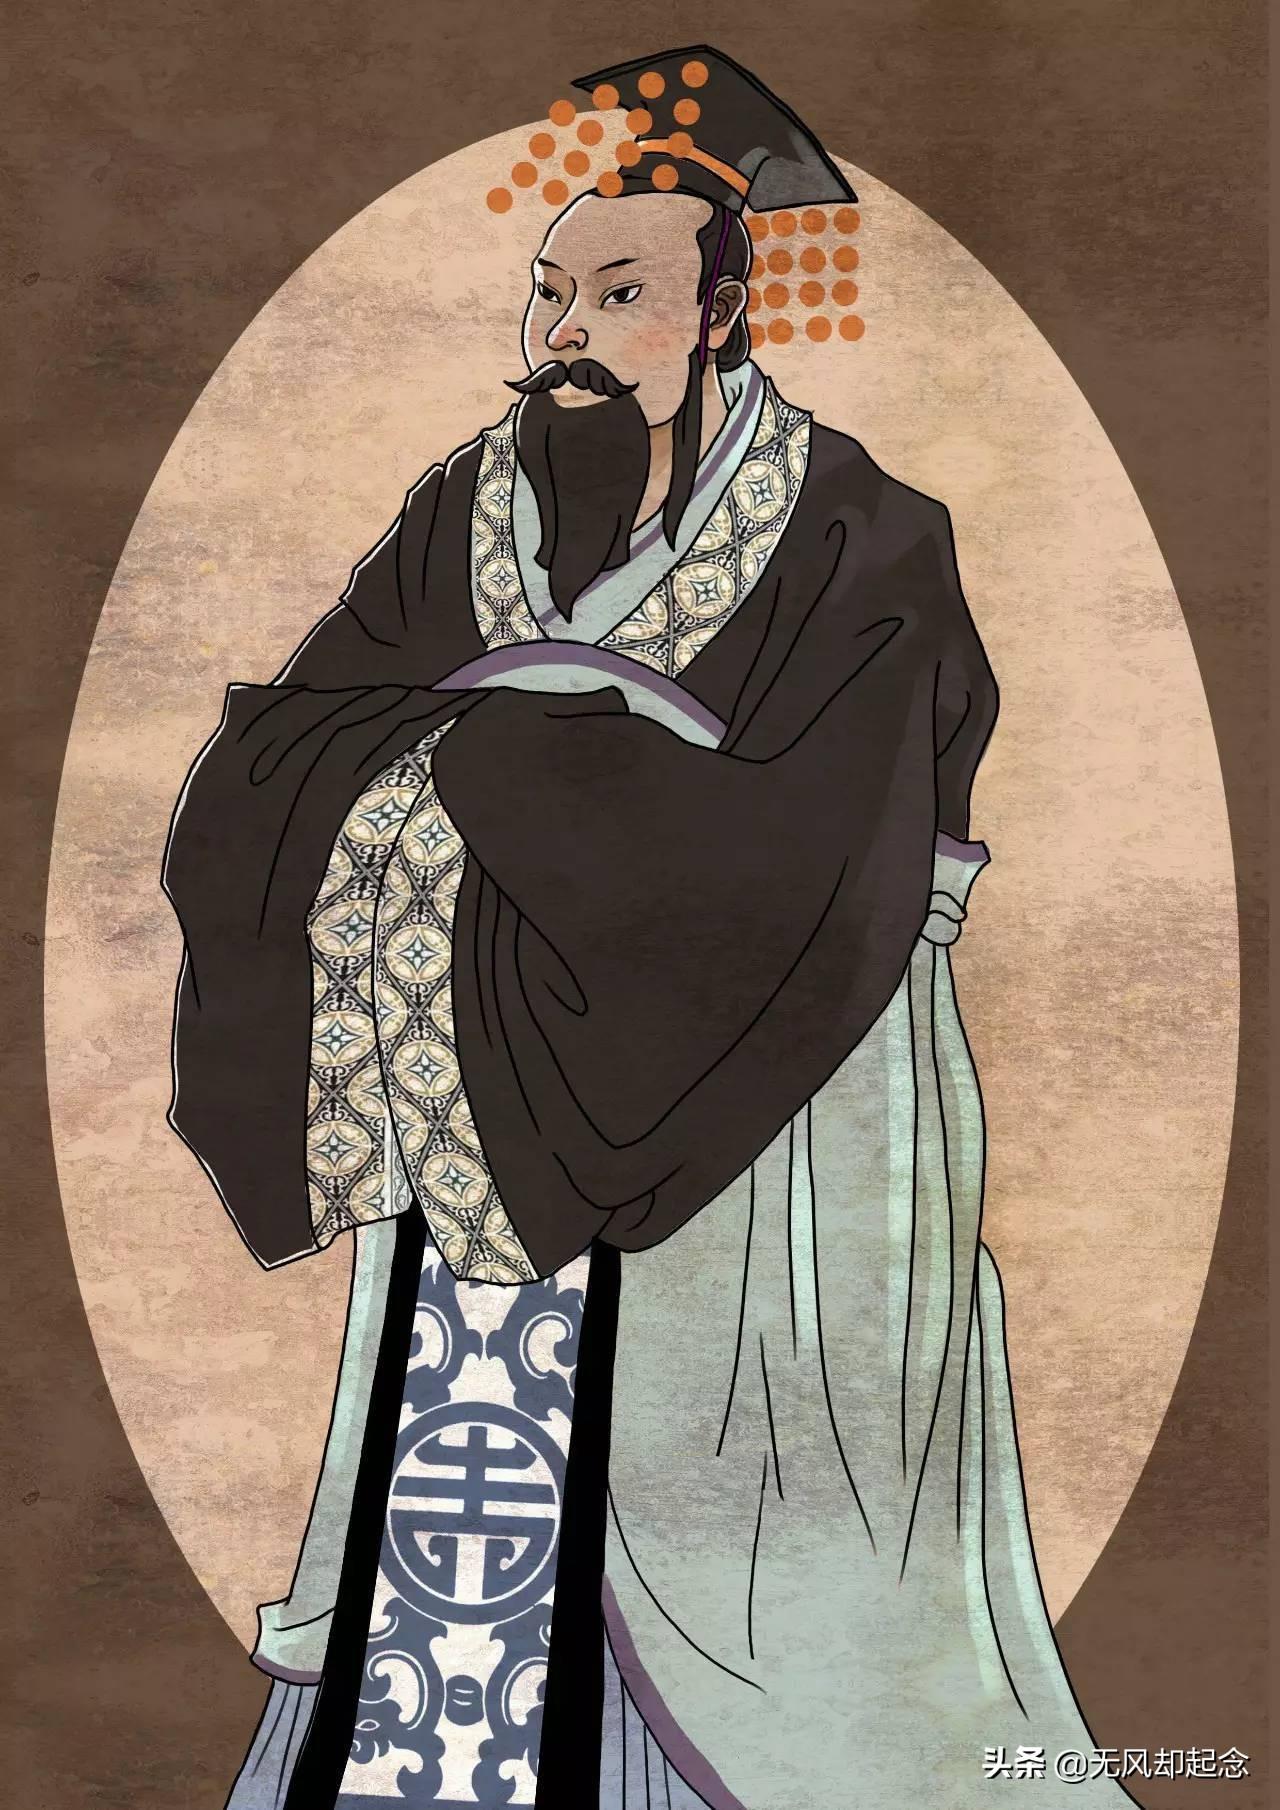 清华大学出土一批竹简,内容与史书有出入,专家:周文王并不完美